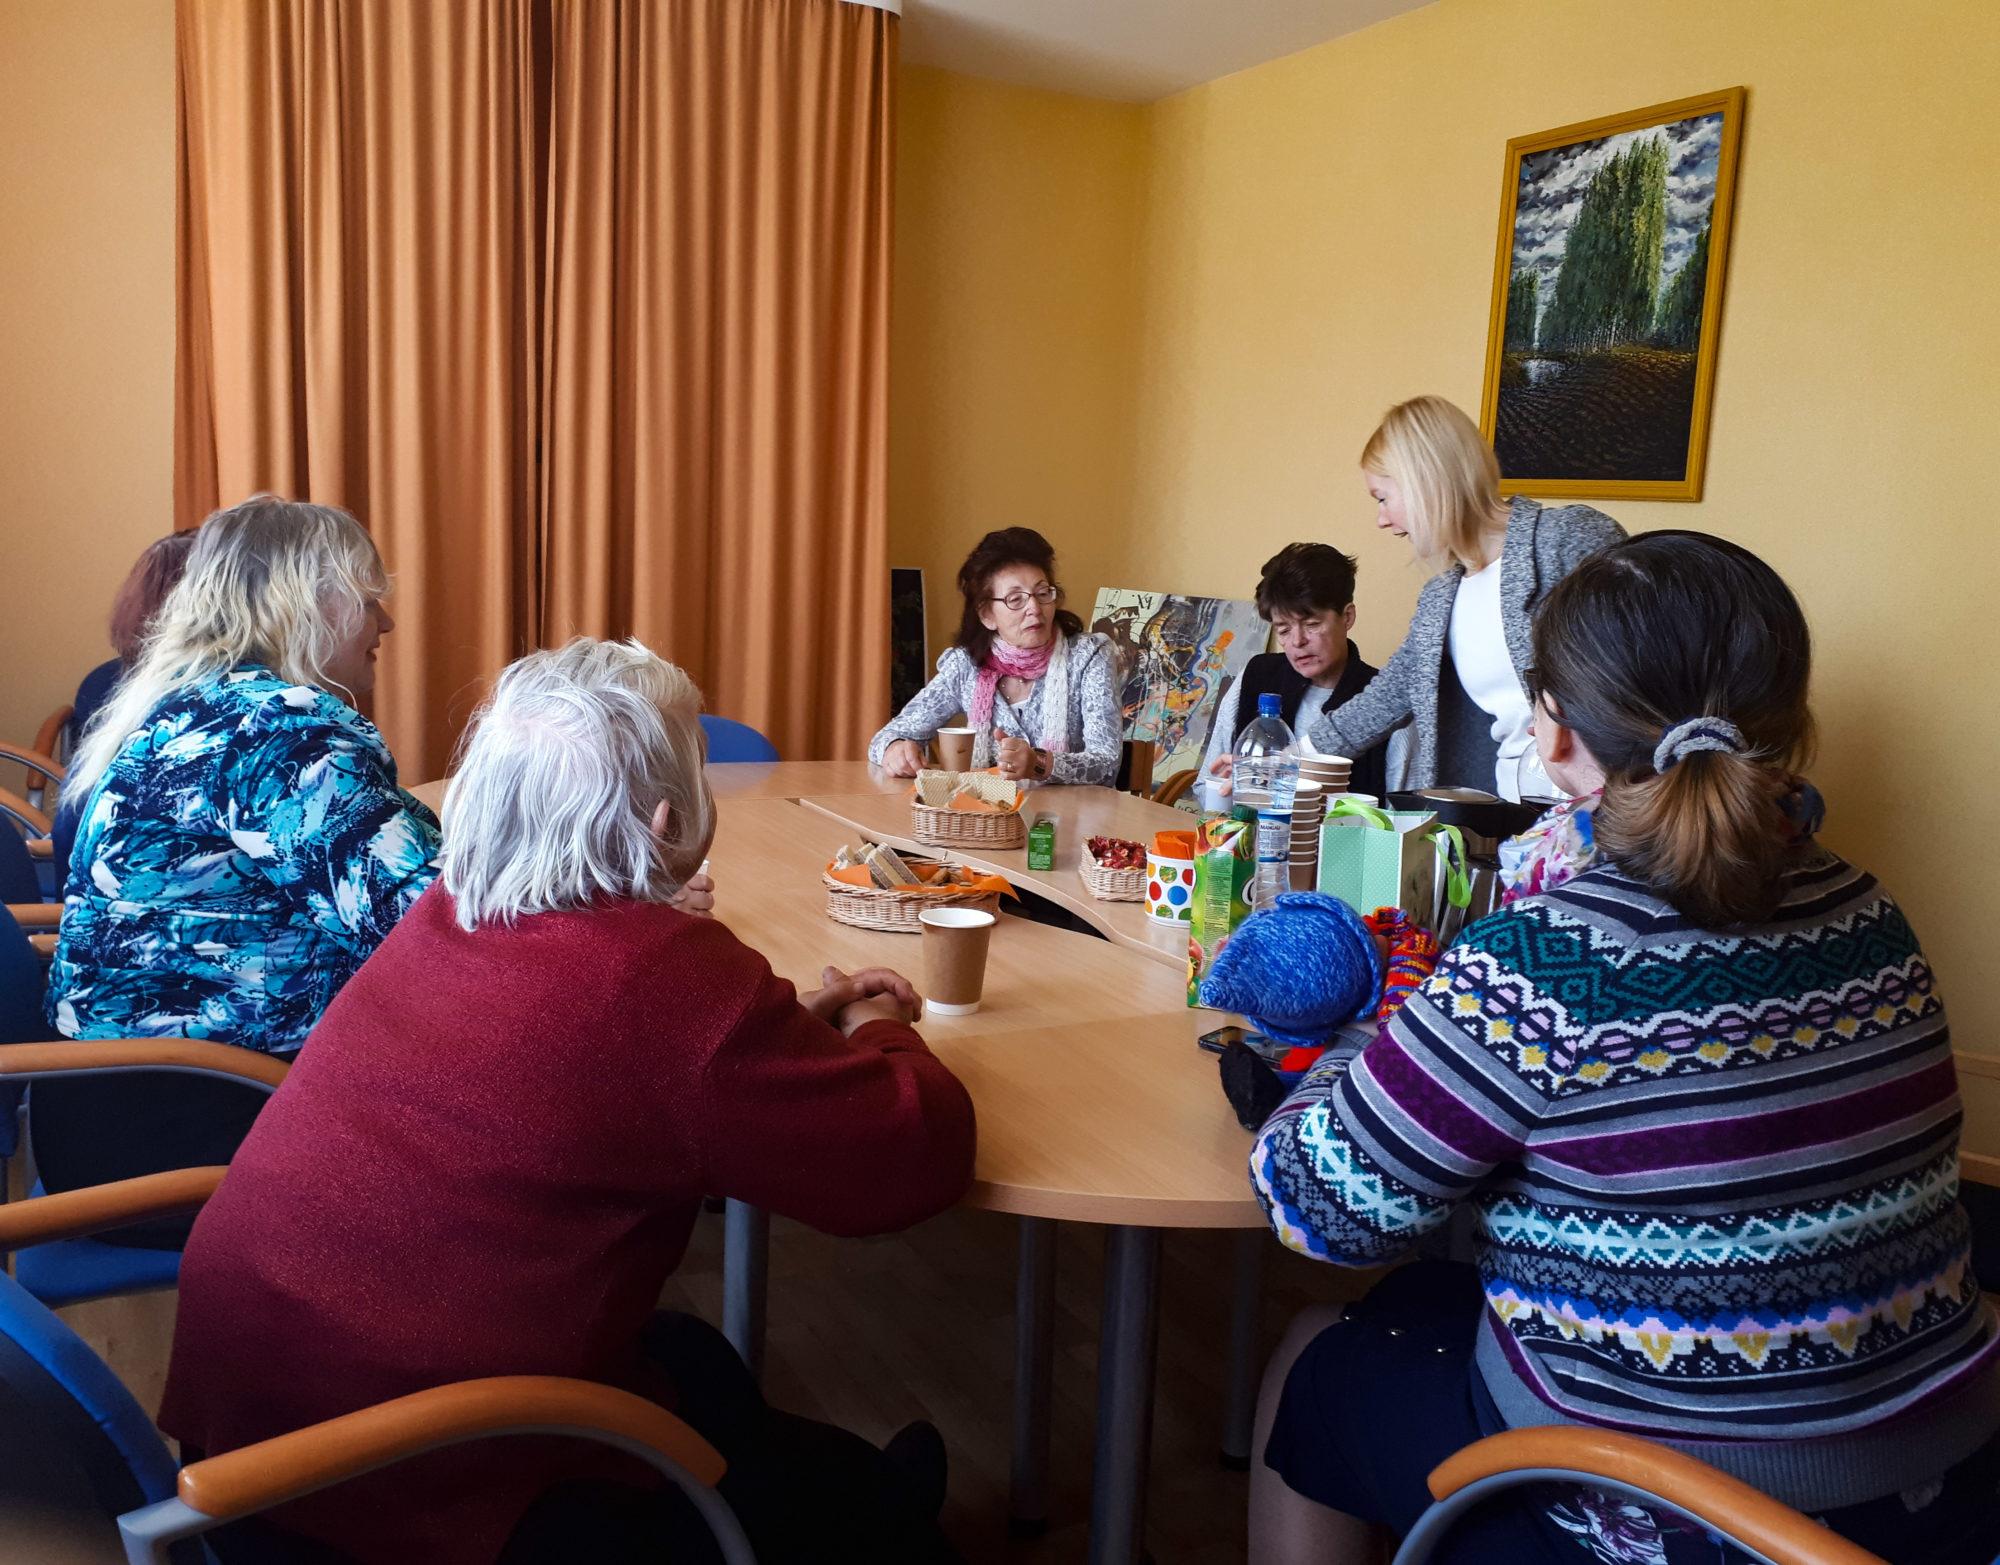 Liepājas Neredzīgo biedrība sāk sociālās iekļaušanas projektu invalīdiem un senioriem